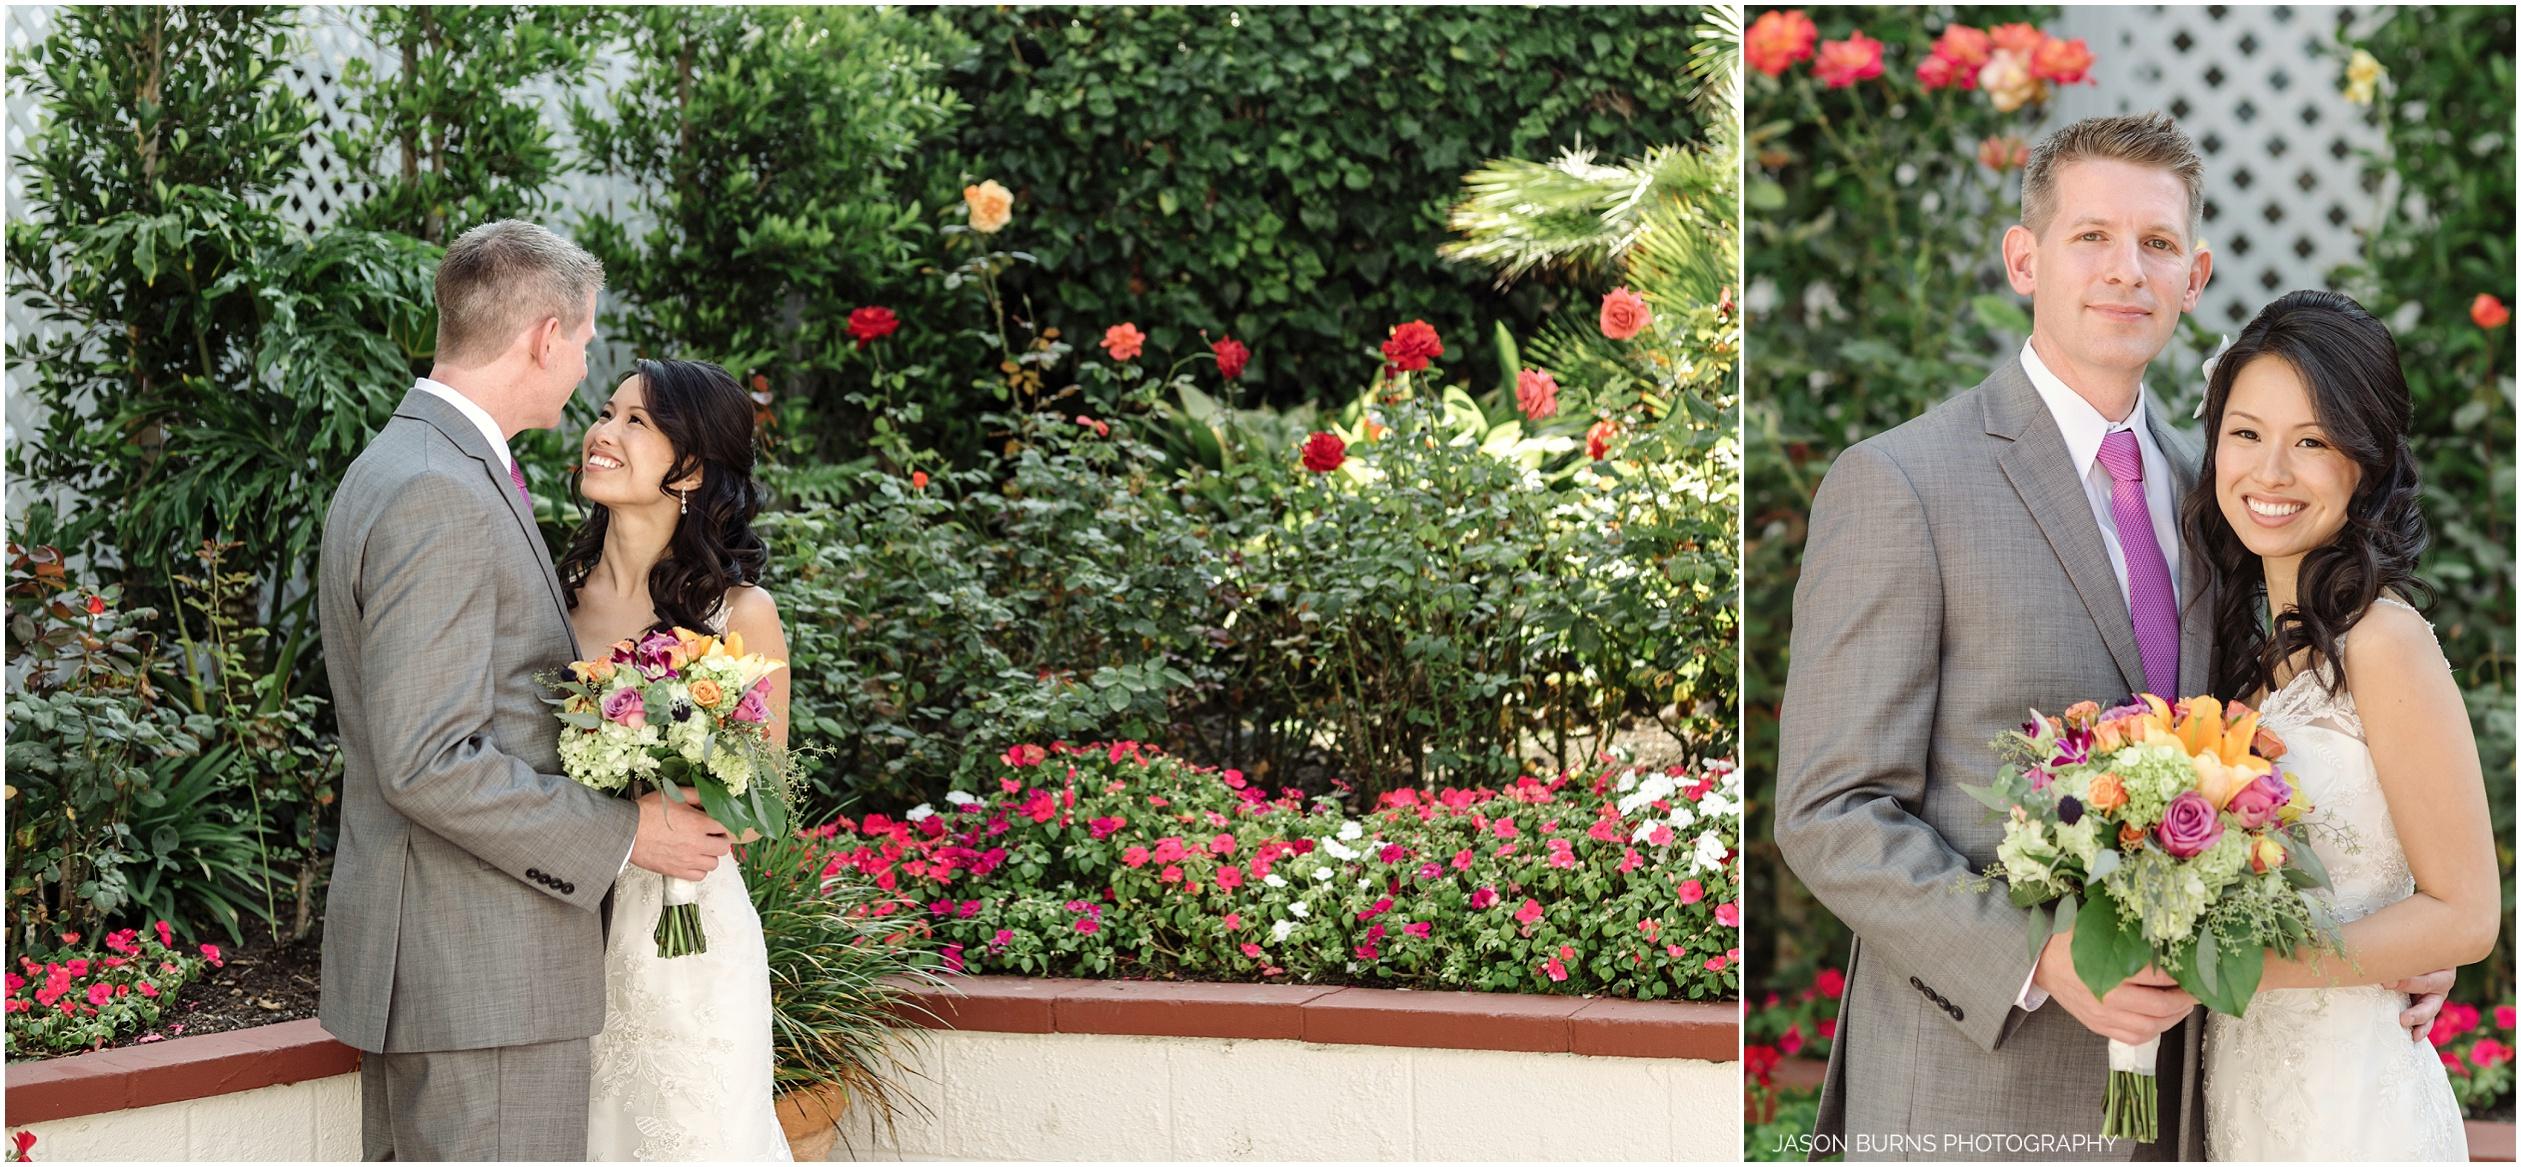 Hotel-laguna-wedding-laguna-beach10